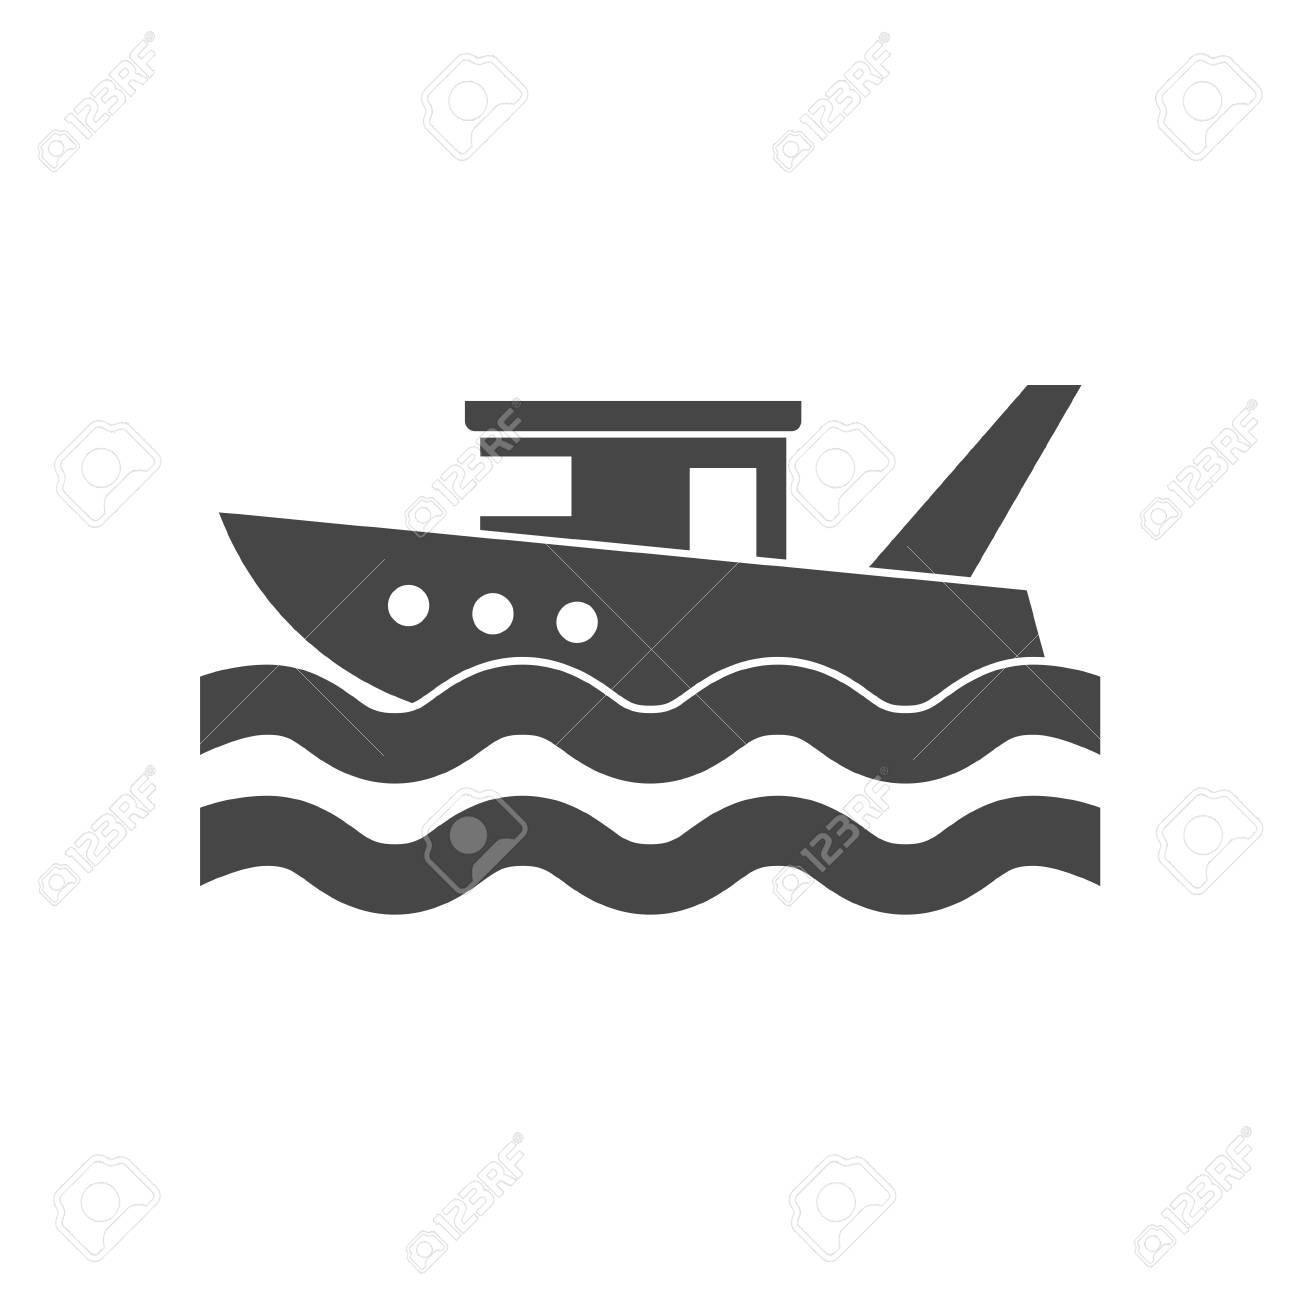 Fishing boat in the sea - 104219870